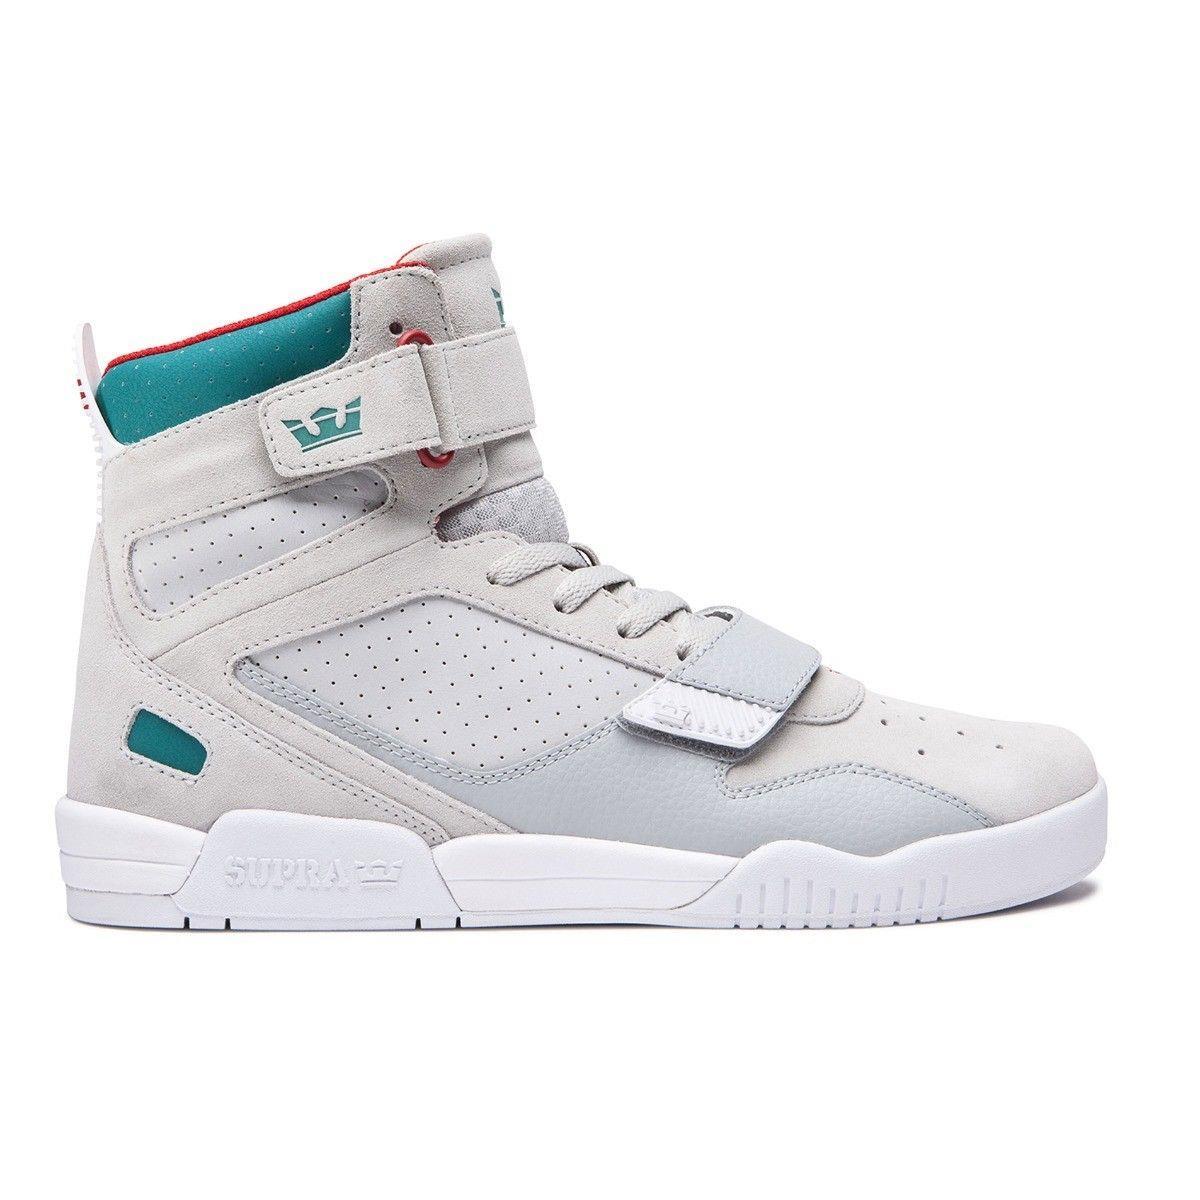 d276a1fce98c Supra breaker shoes light grey teal ebay jpg 1200x1200 Breaker shoe